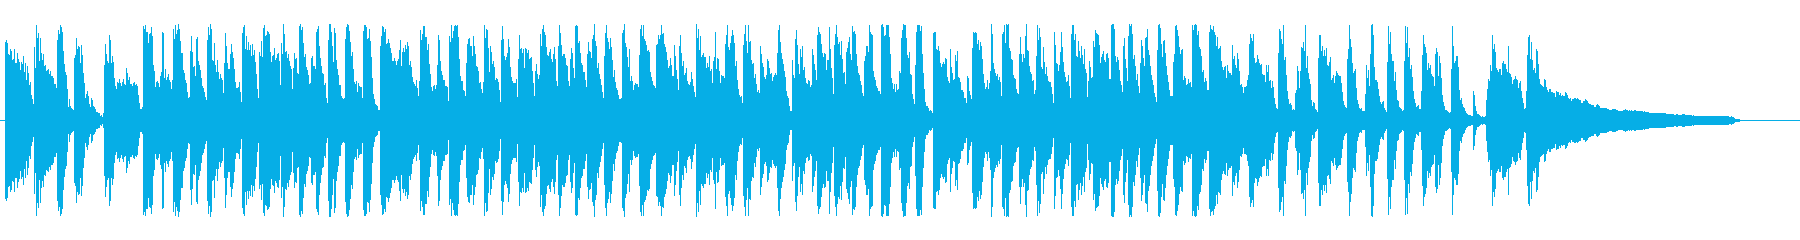 ライトジャズクリスマス「ひいらぎ飾ろう」の再生済みの波形